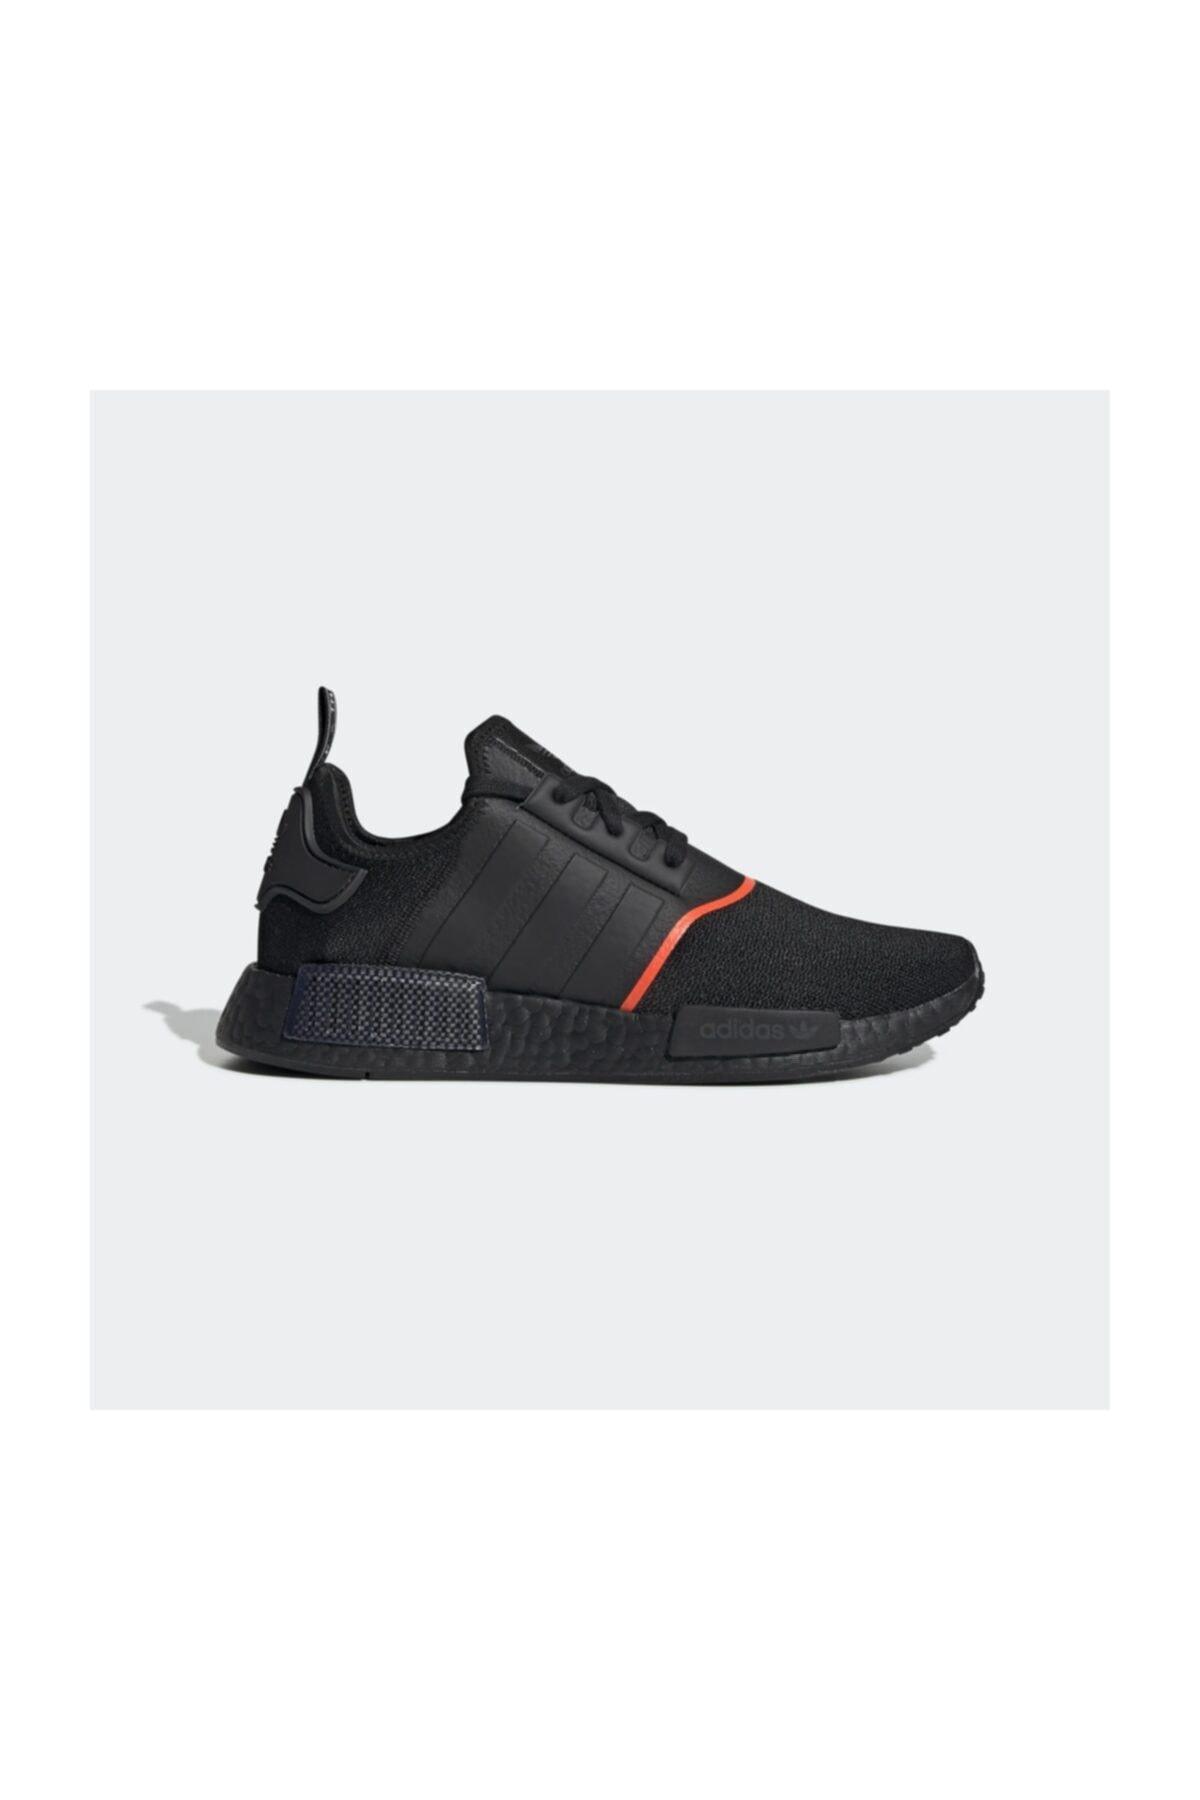 adidas Nmd R1 Kadın Günlük Spor Ayakkabı 1